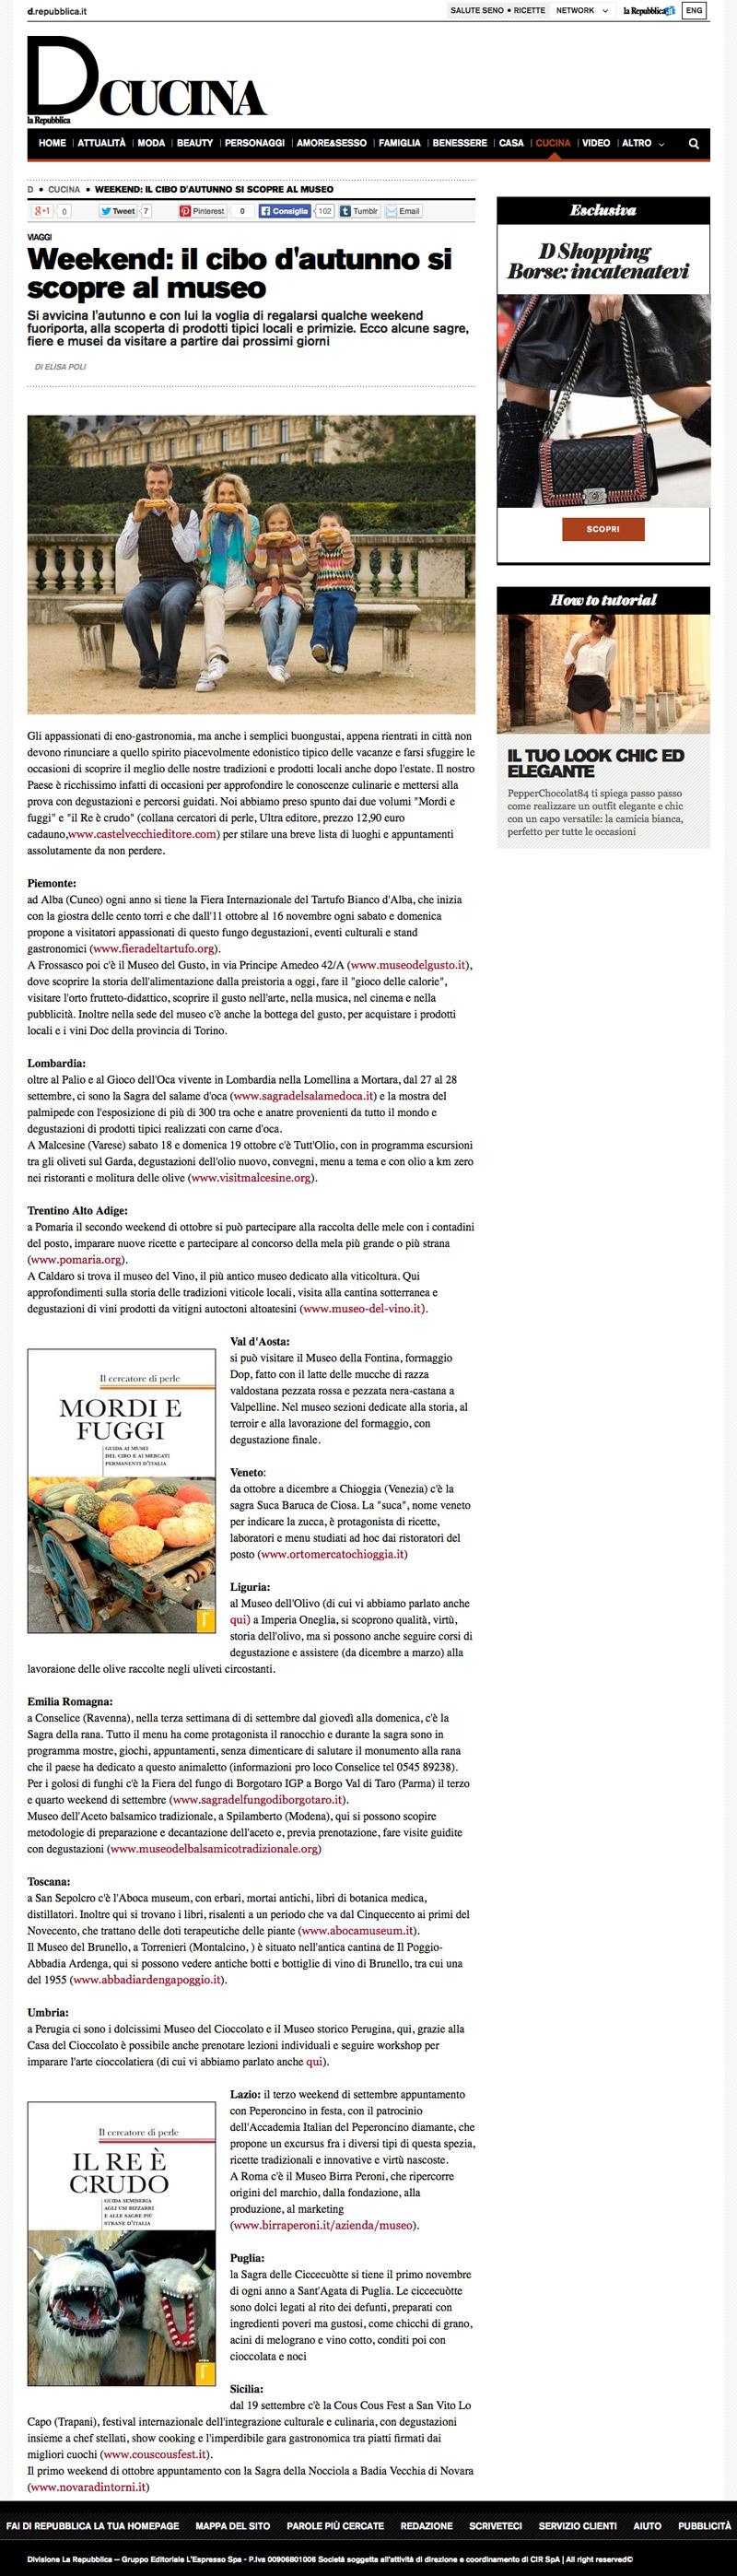 2014-recensione-la-repubblica